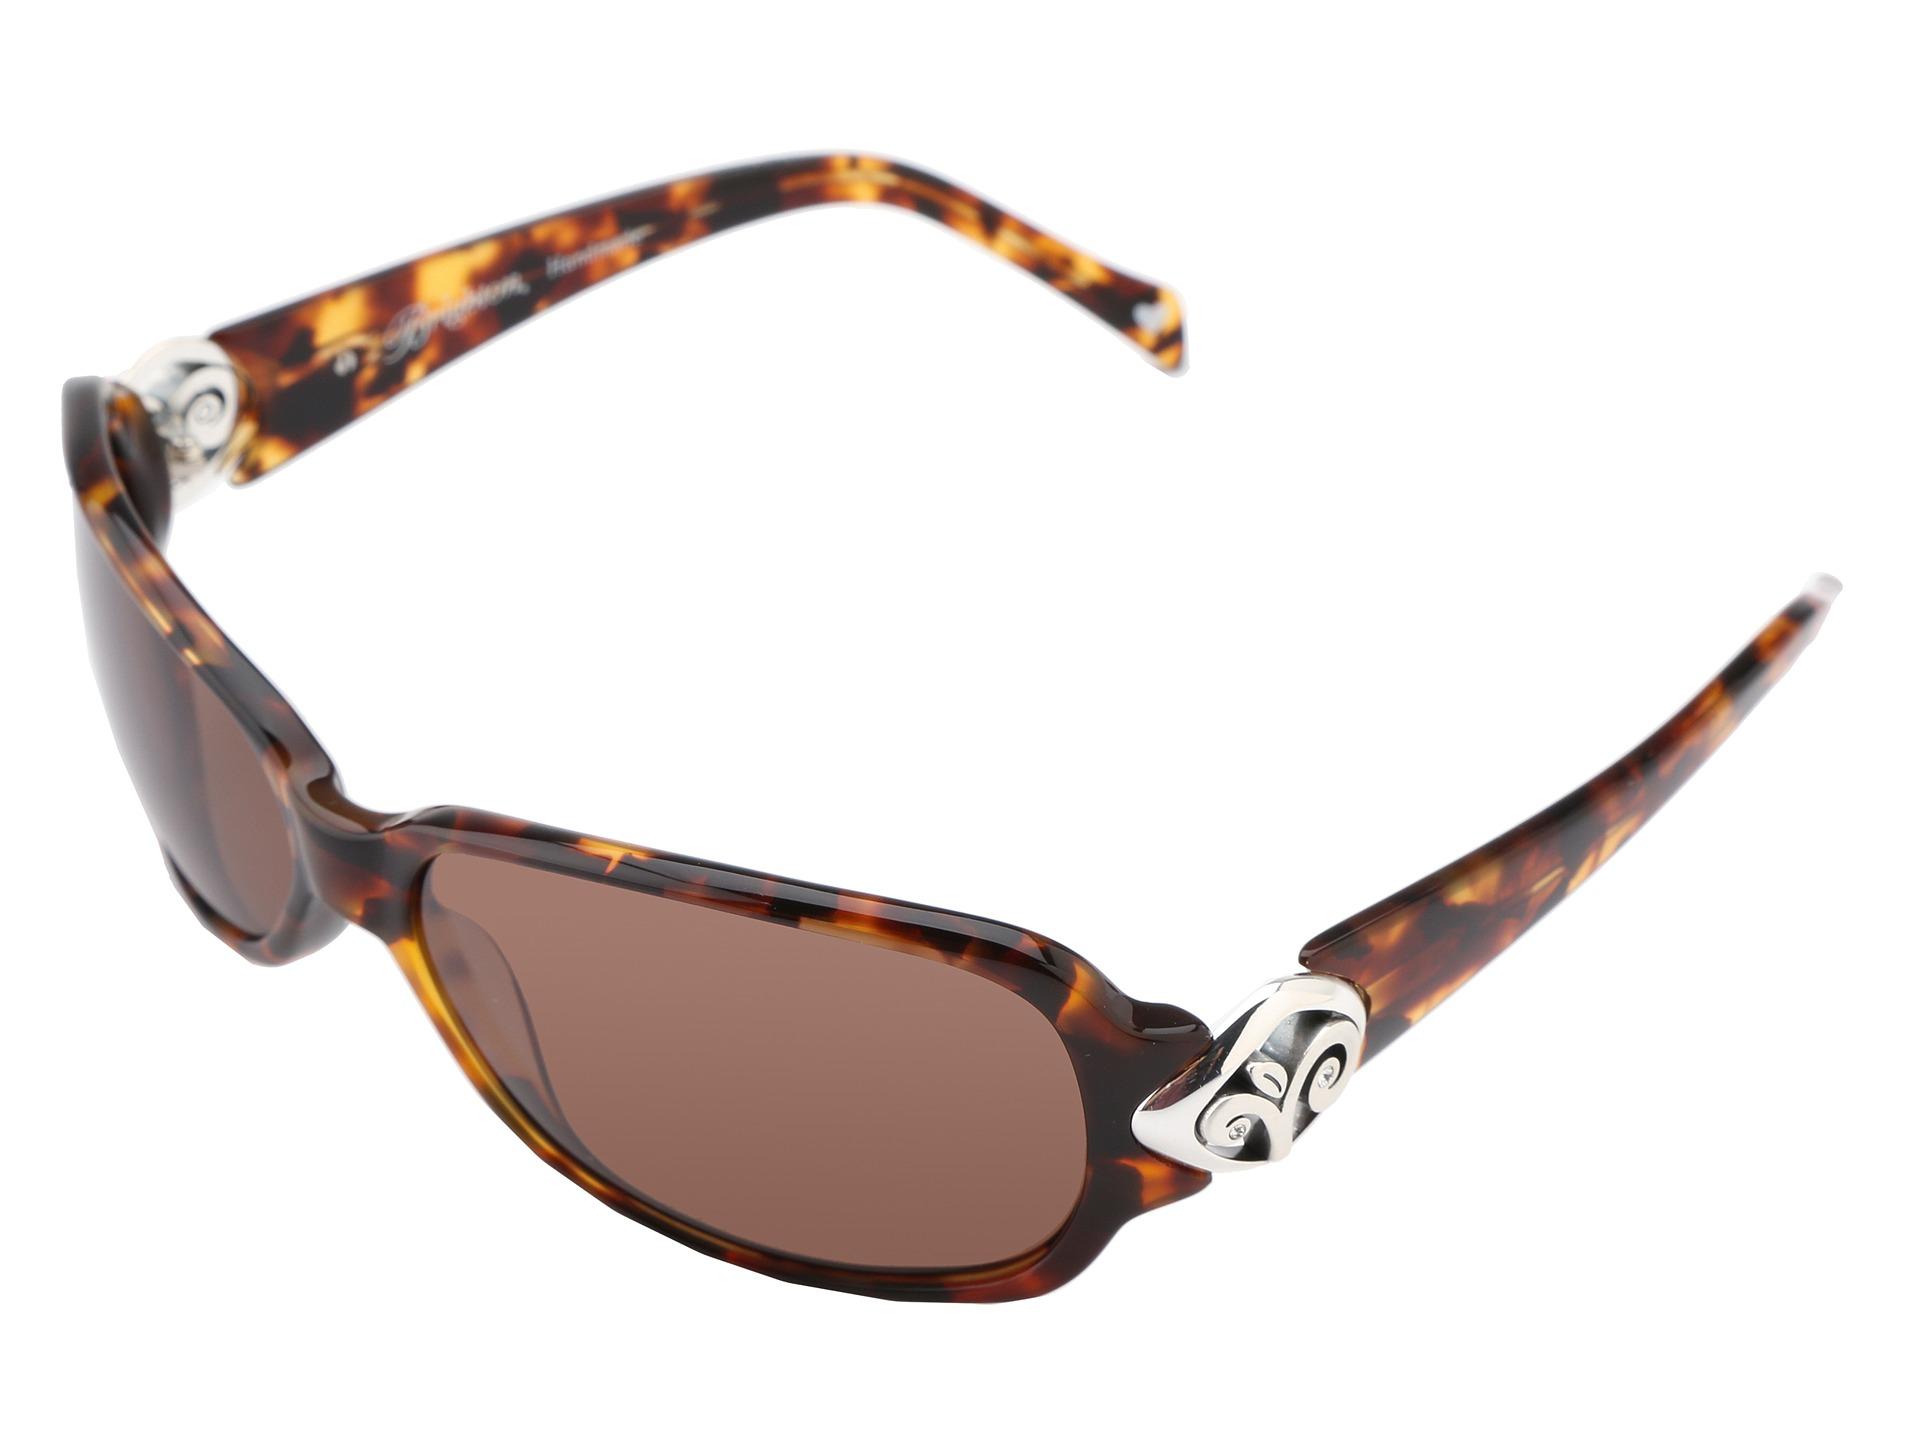 brighton delight sunglasses zappos free shipping